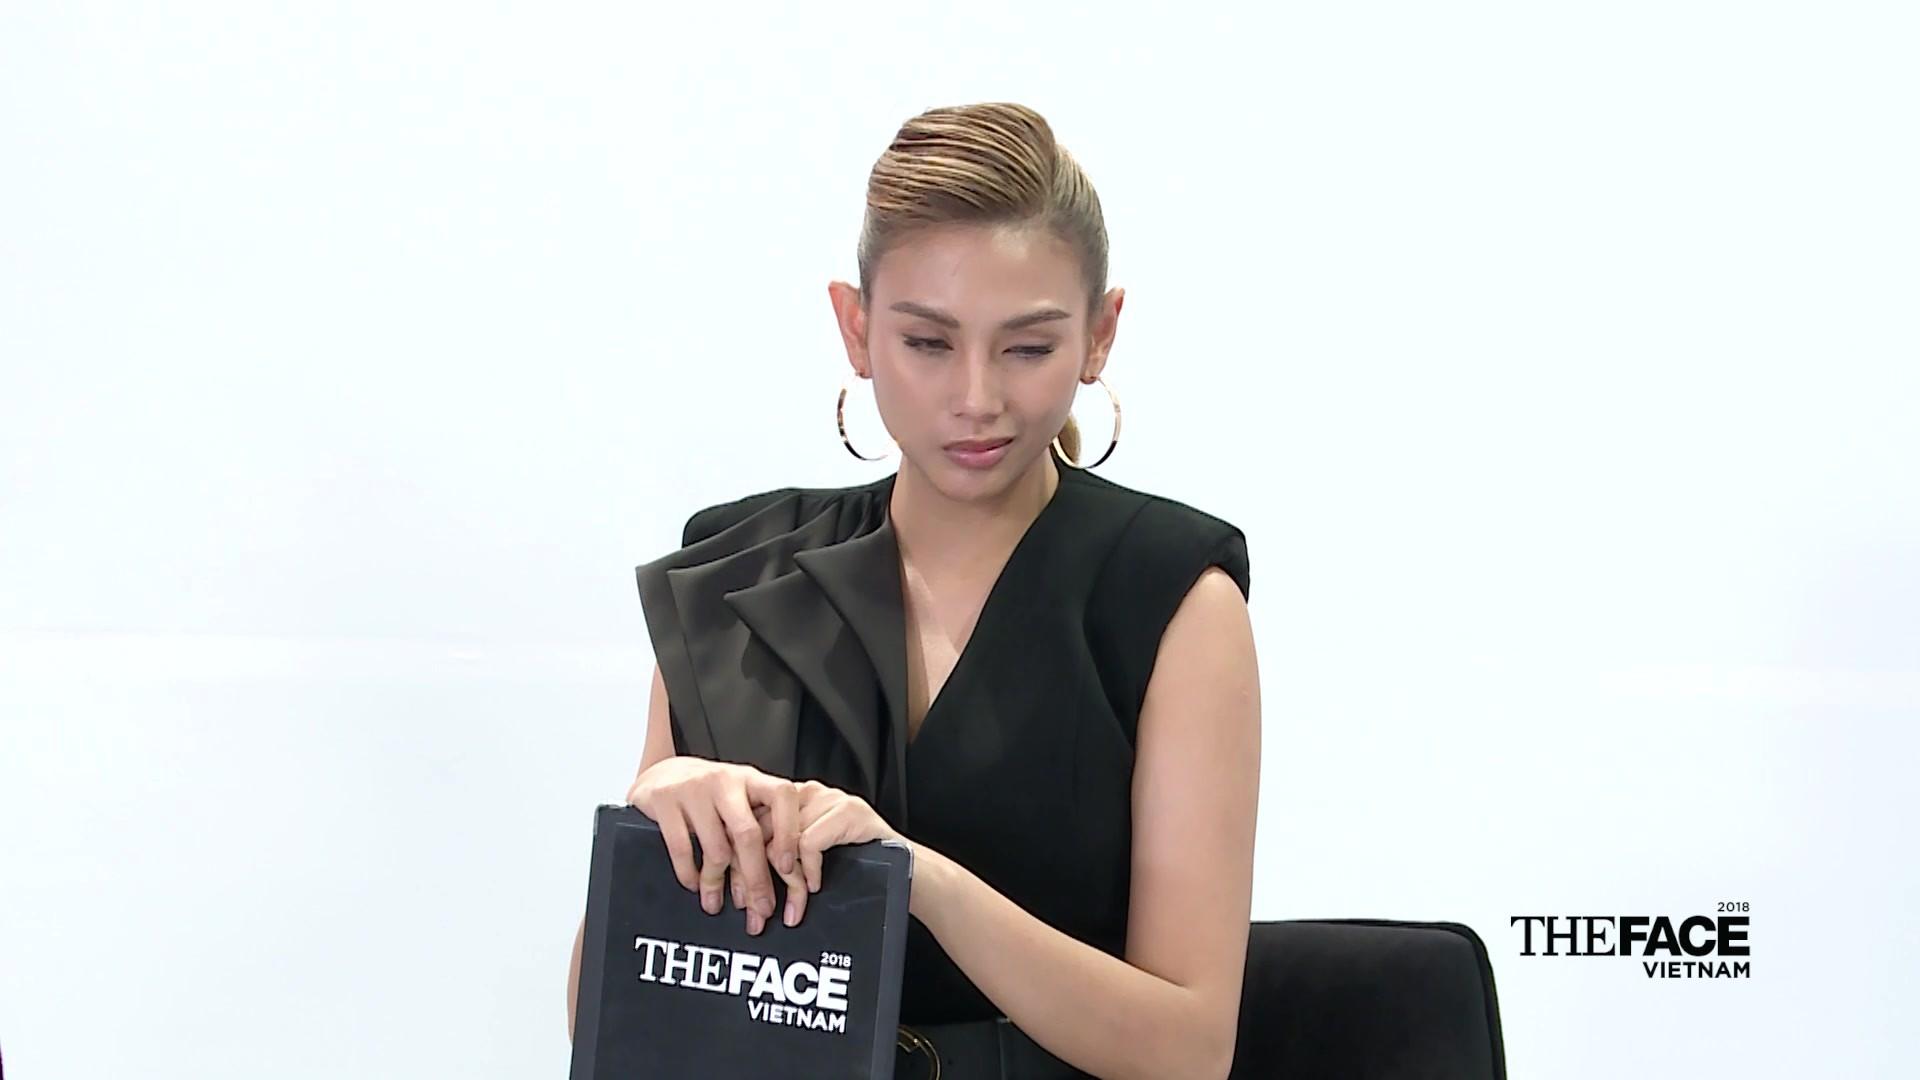 Trước mặt Minh Hằng, Thanh Hằng khẳng định: Đây là Hoa hậu, người mẫu, diễn viên  - Ảnh 11.